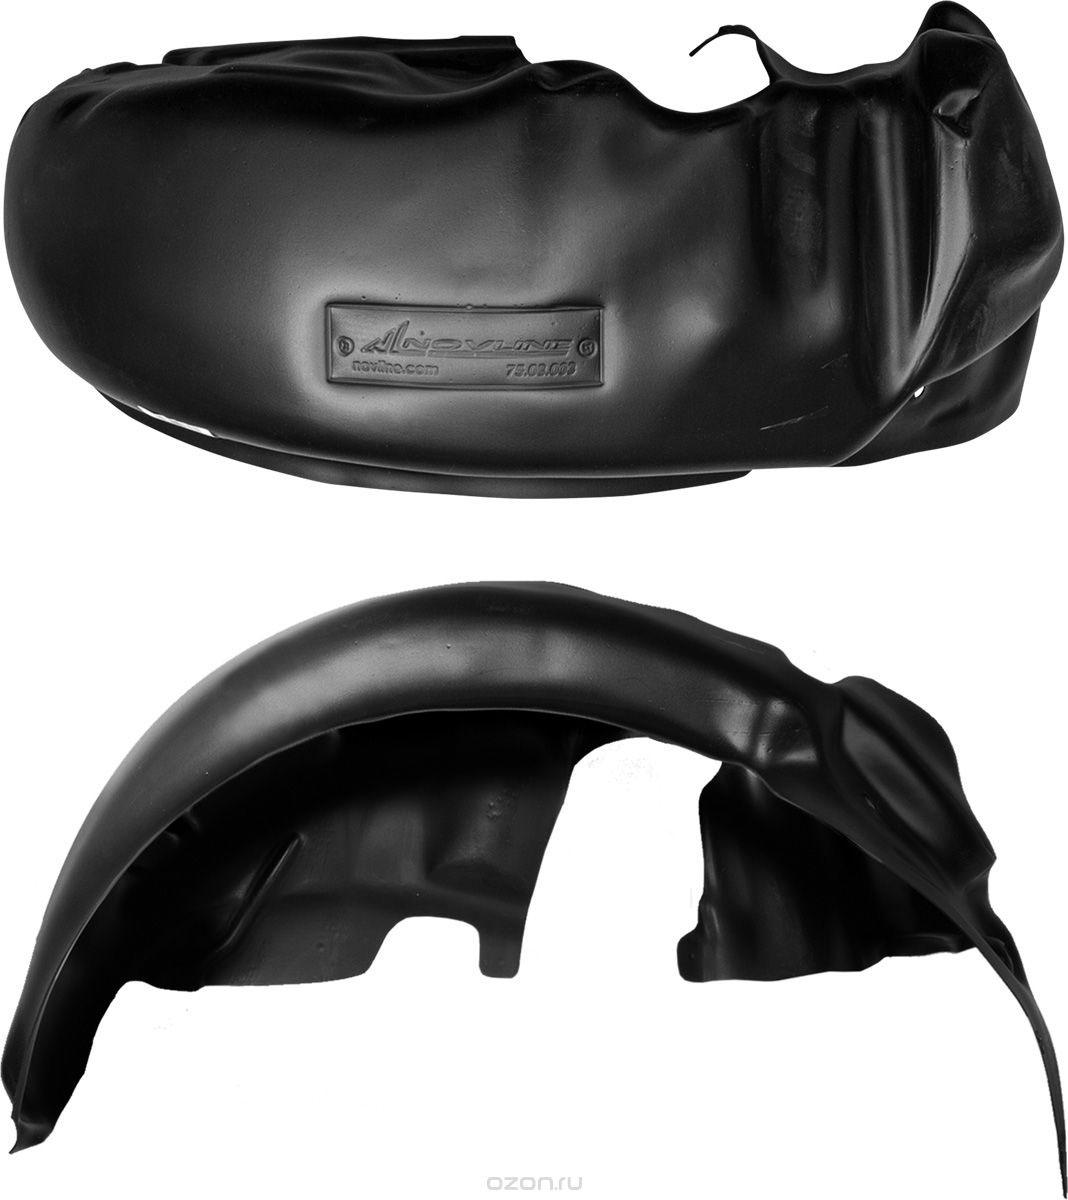 Подкрылок Novline-Autofamily, для HYUNDAI i40, 06/2012->, сед., задний левыйNLL.20.46.003Идеальная защита колесной ниши. Локеры разработаны с применением цифровых технологий, гарантируют максимальную повторяемость поверхности арки. Изделия устанавливаются без нарушения лакокрасочного покрытия автомобиля, каждый подкрылок комплектуется крепежом. Уважаемые клиенты, обращаем ваше внимание, что фотографии на подкрылки универсальные и не отражают реальную форму изделия. При этом само изделие идет точно под размер указанного автомобиля.